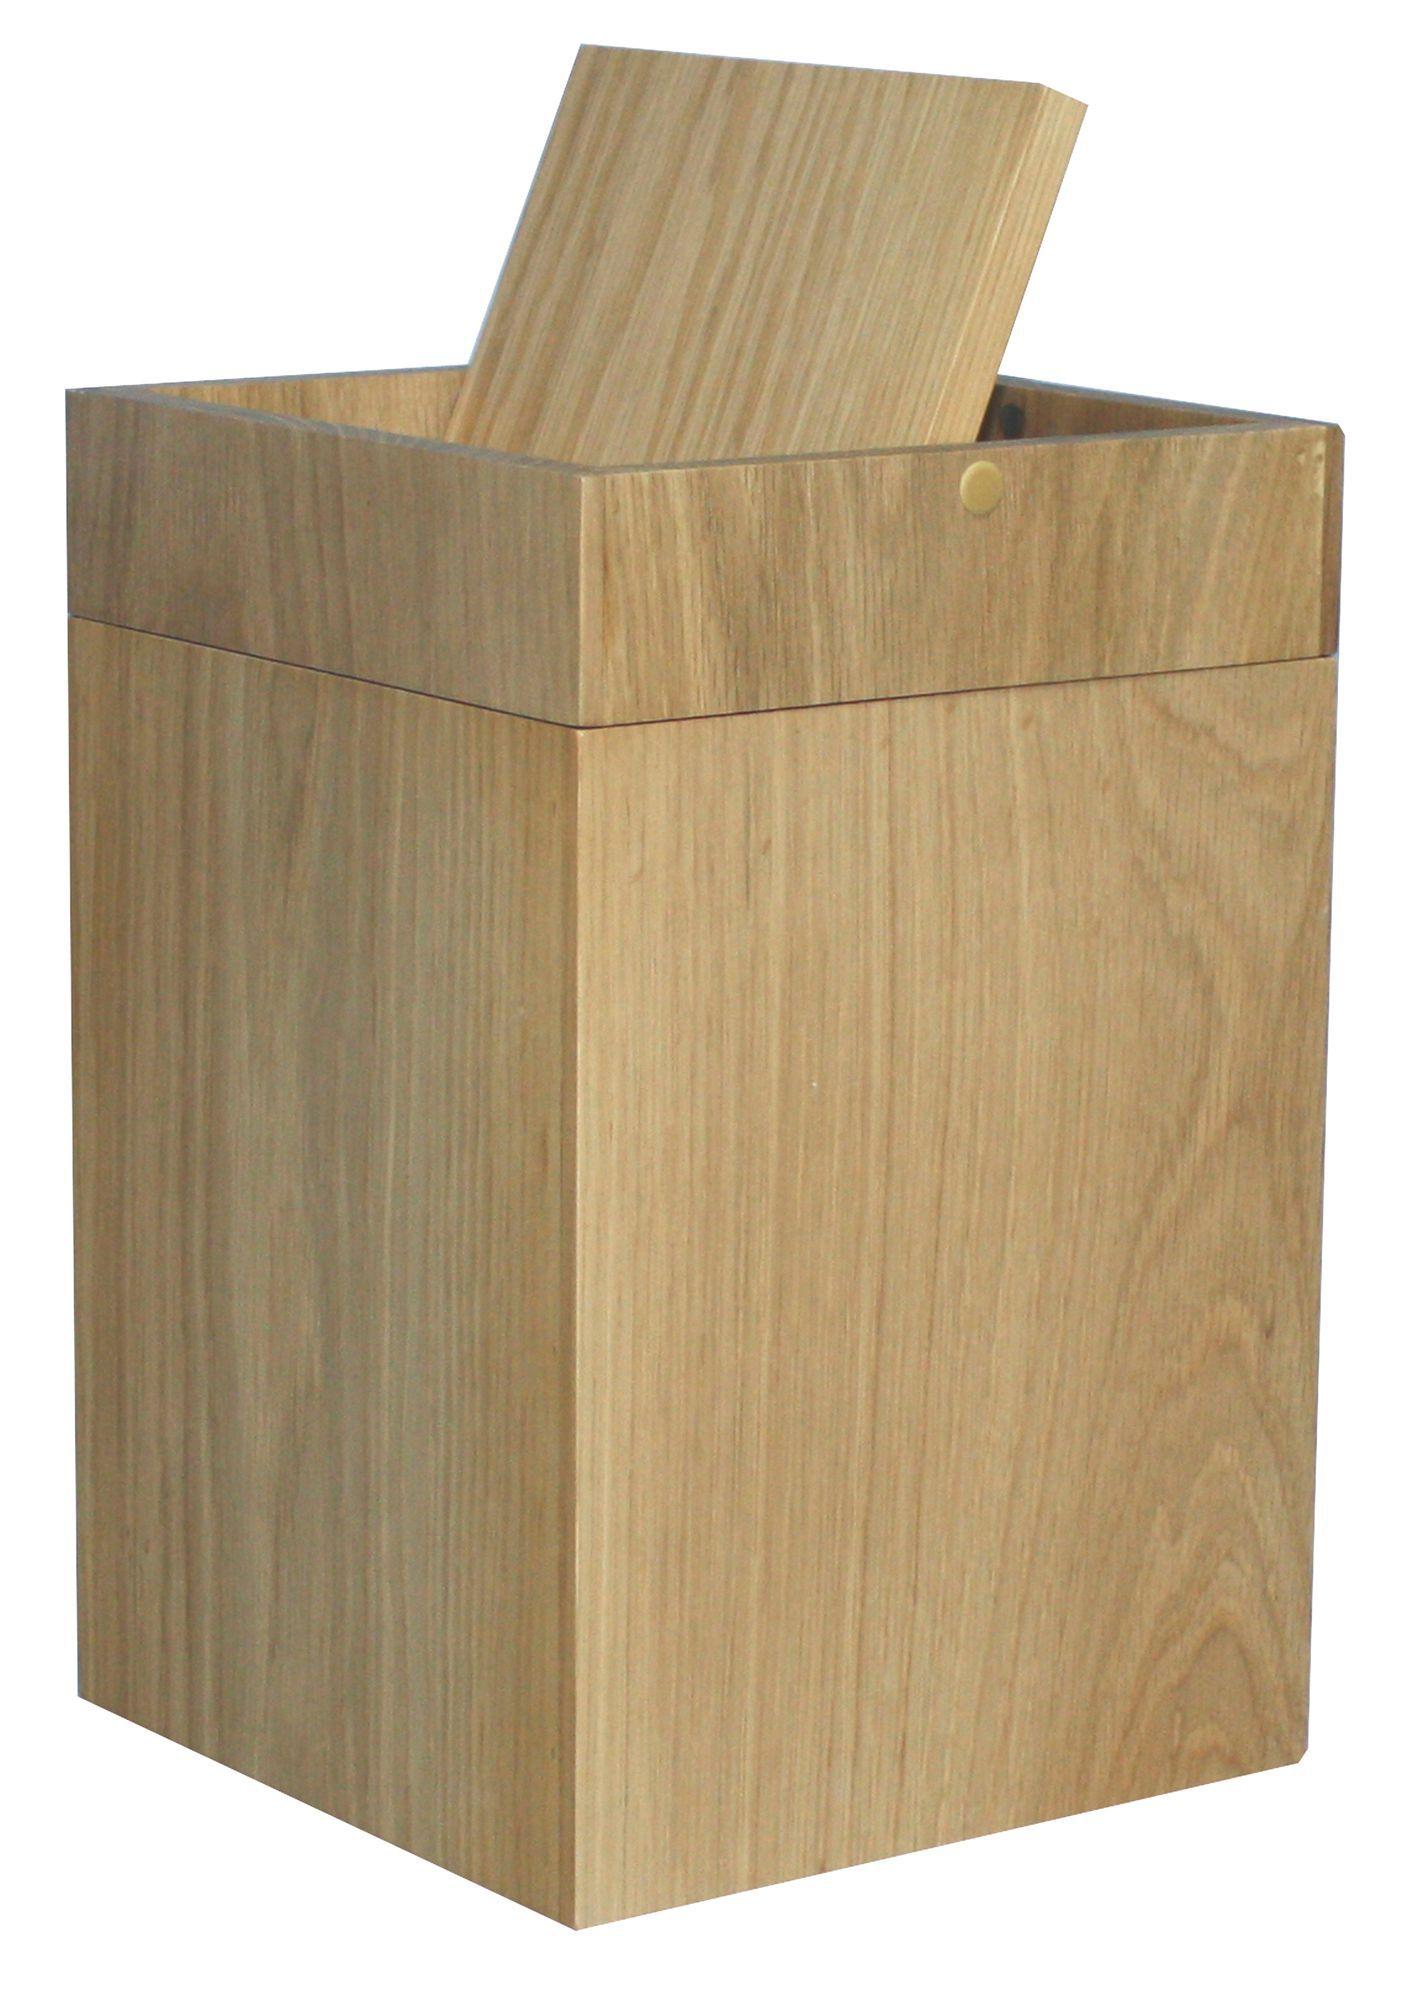 cooke & lewis spa oak effect mdf square kitchen swing bin